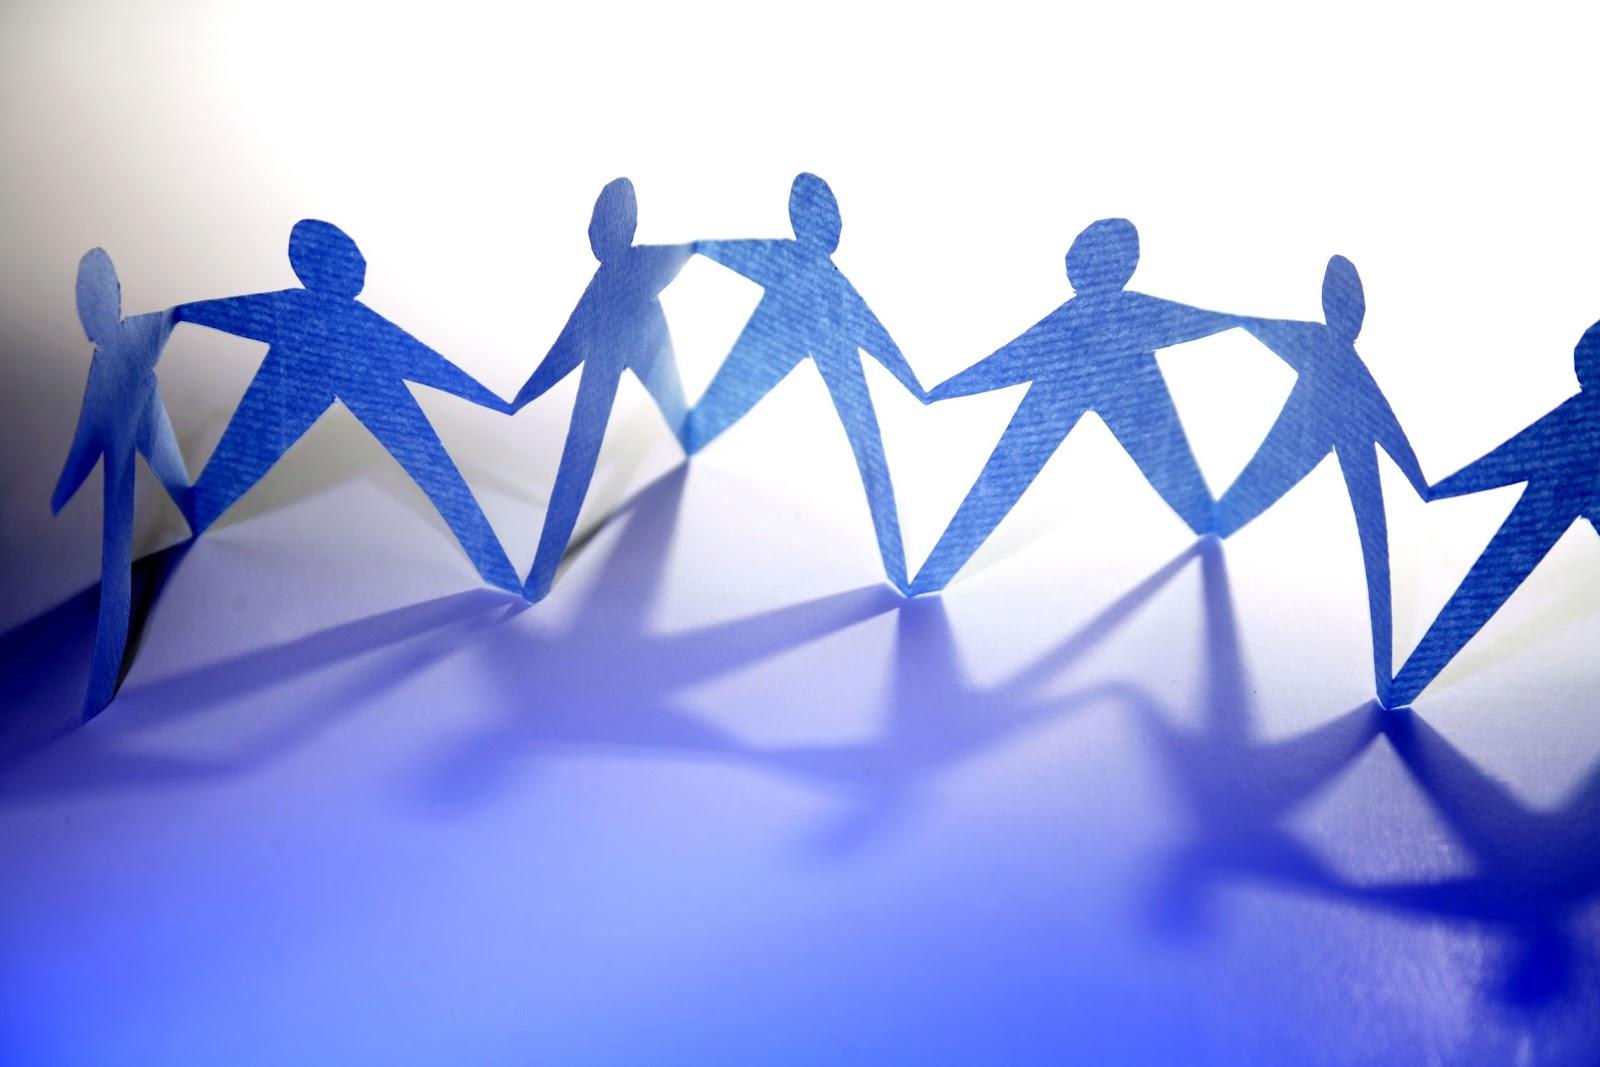 http://4.bp.blogspot.com/-i2LlR4ktWAY/T0qk7qXIumI/AAAAAAAAA-I/Bd_fCTUquj8/s1600/paper-dolls-holding-hands.jpg